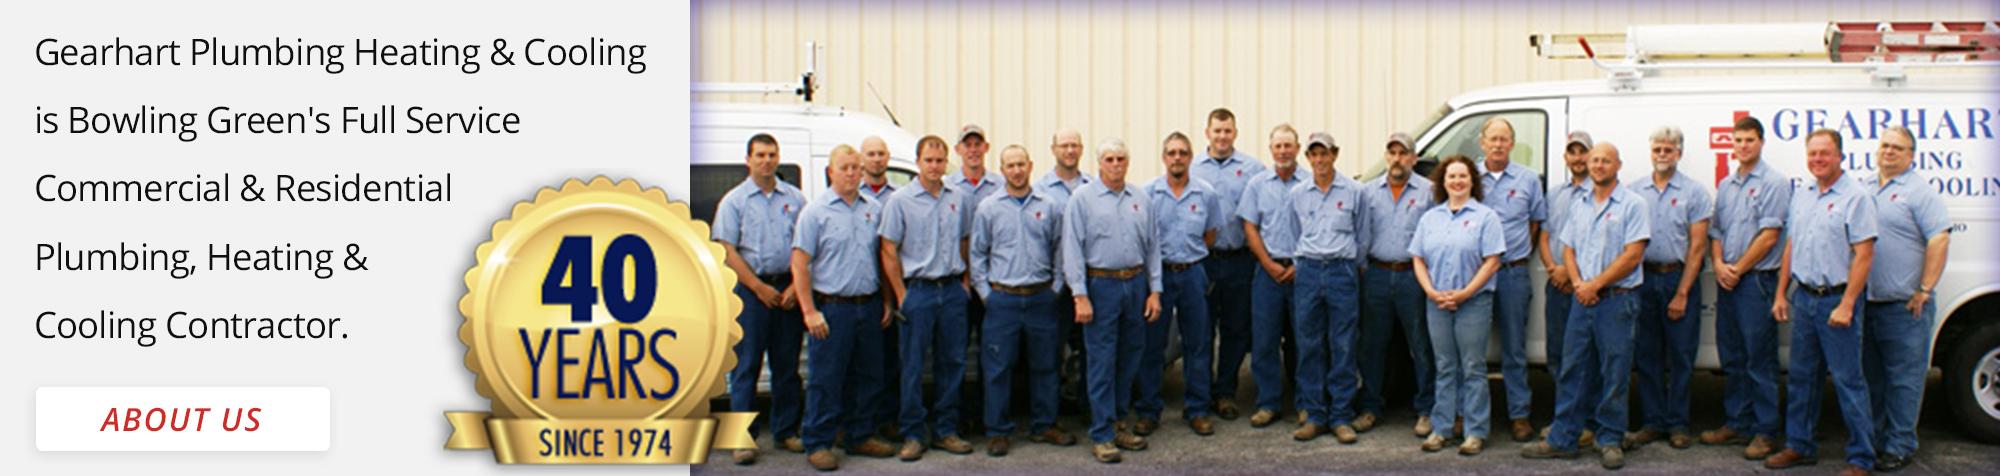 Gearhart Plumbing Team